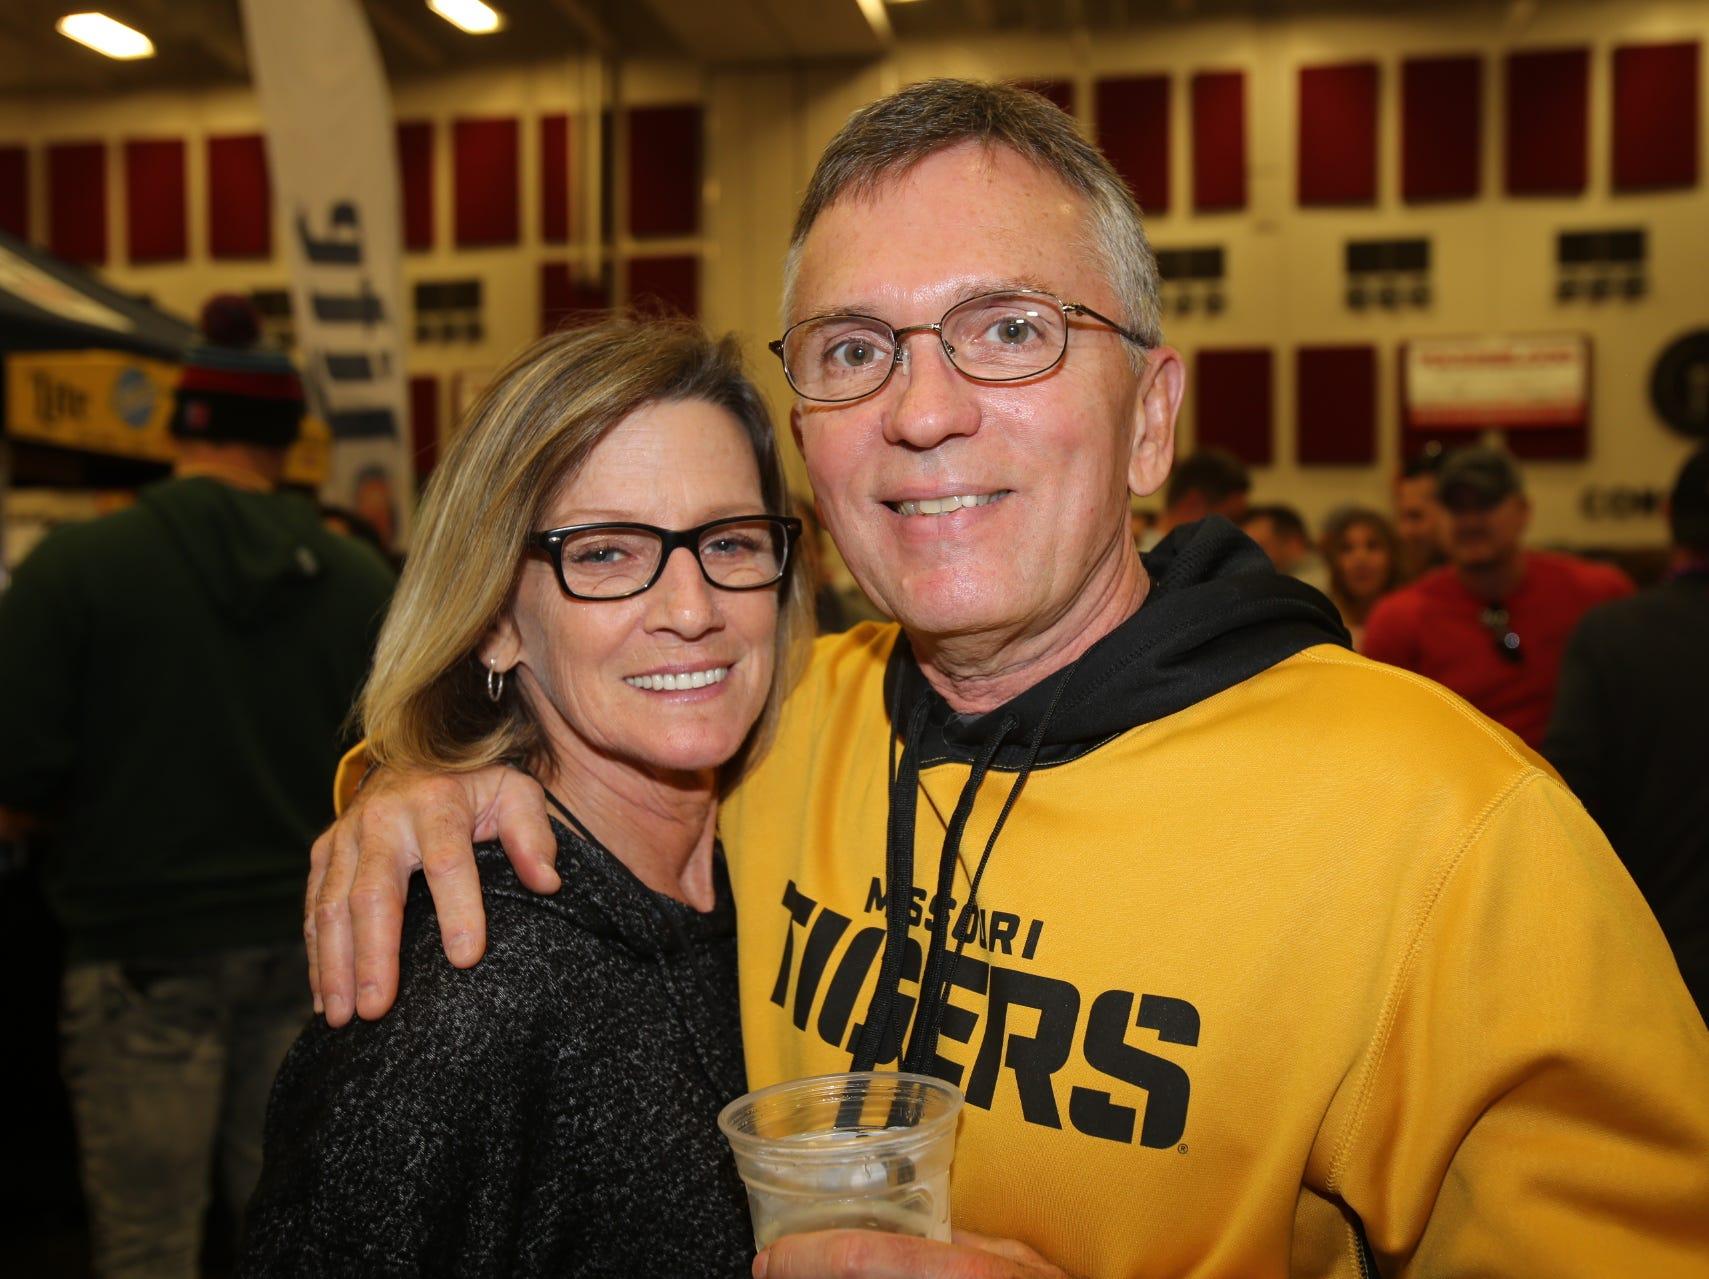 Debbie and Craig Warren